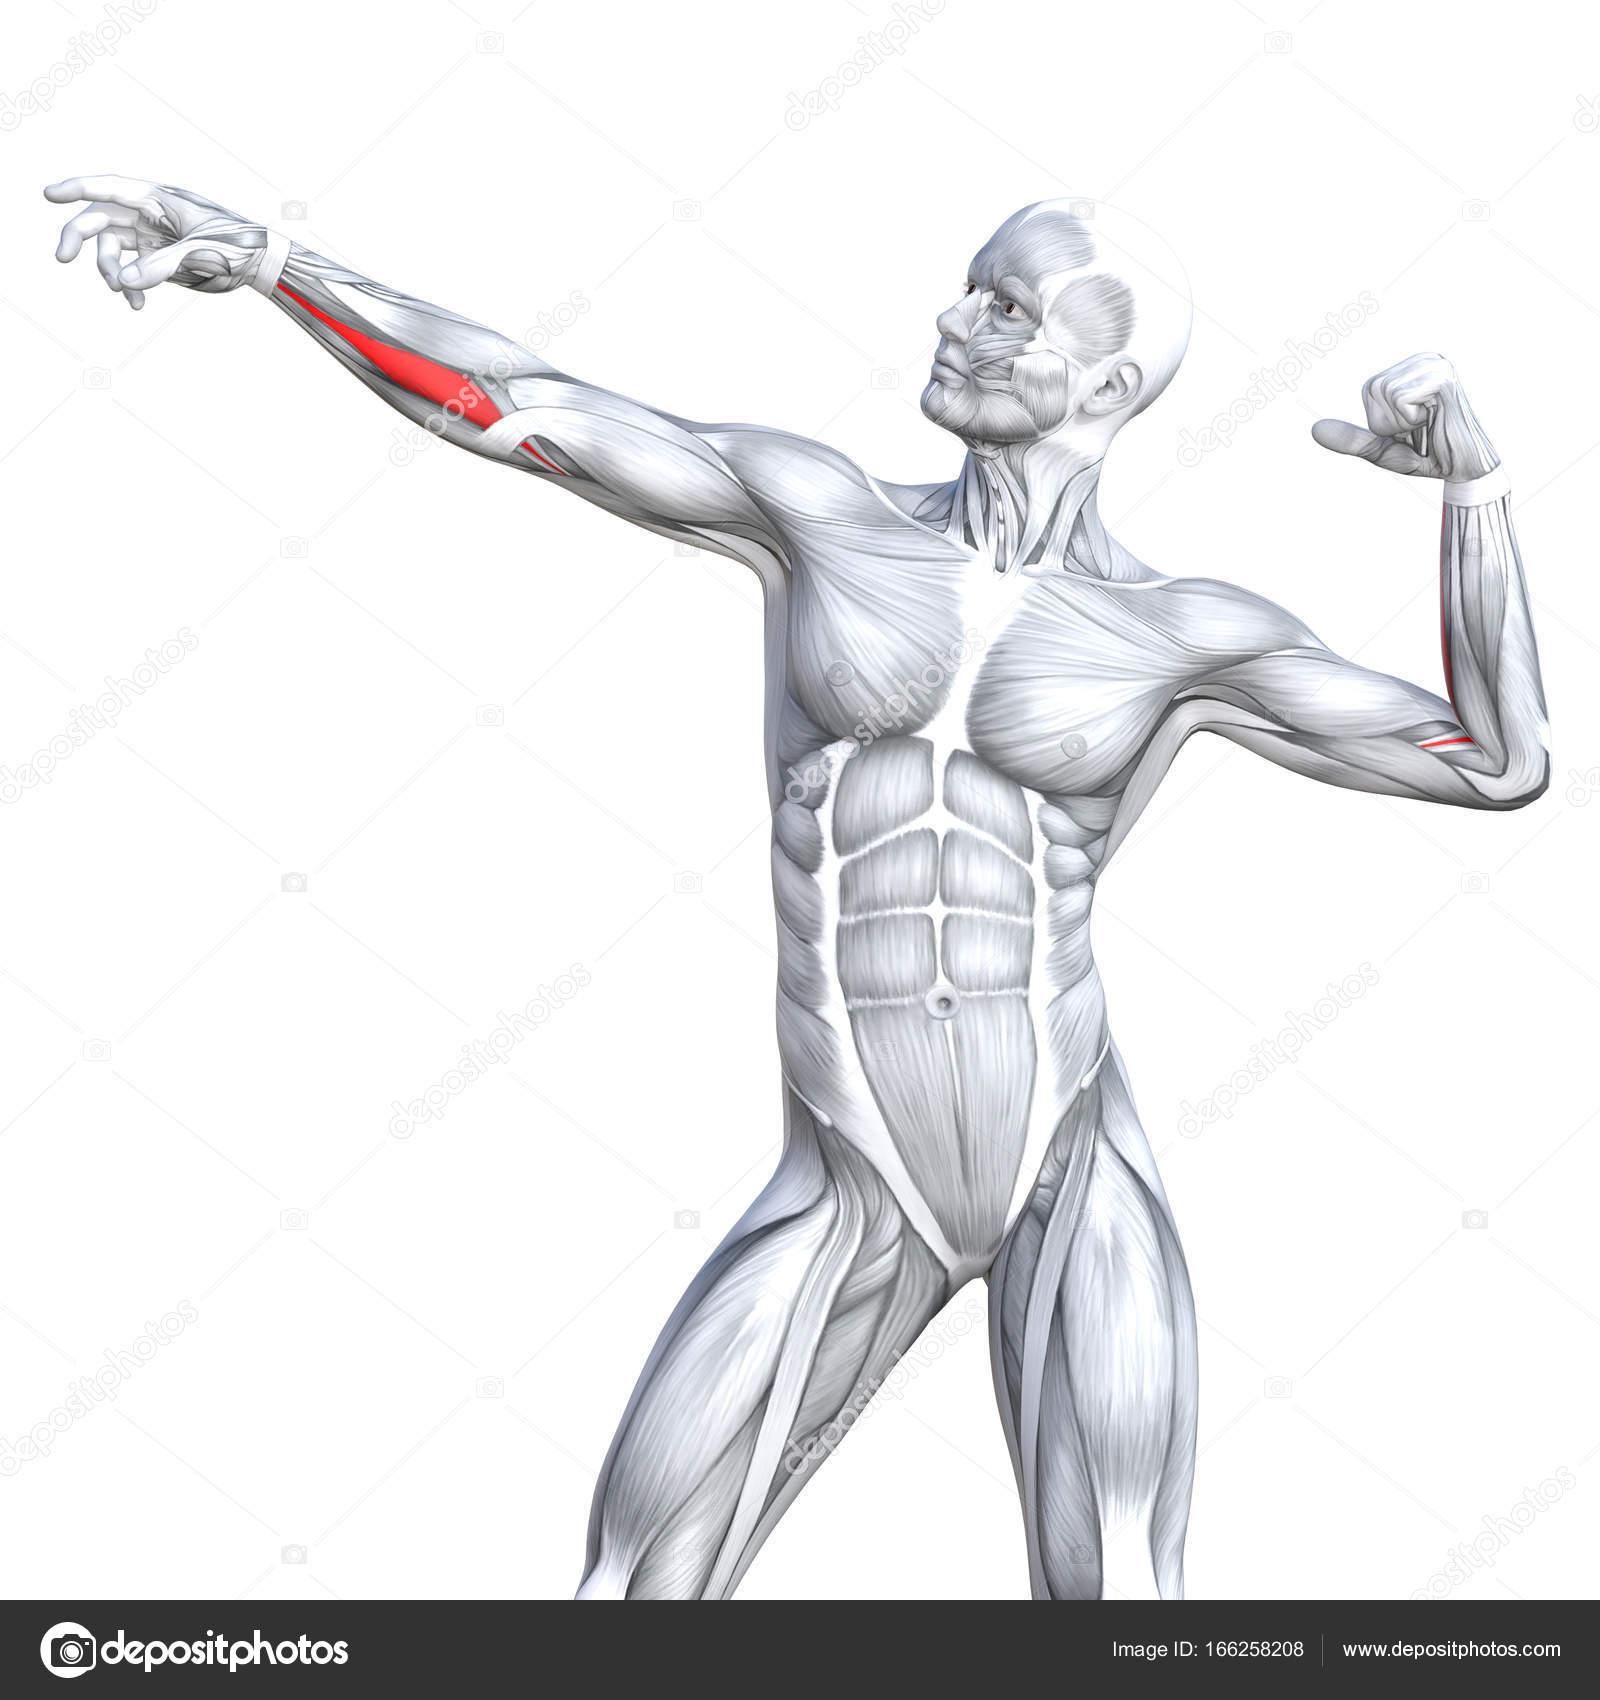 grundlegende menschliche Anatomie — Stockfoto © design36 #166258208